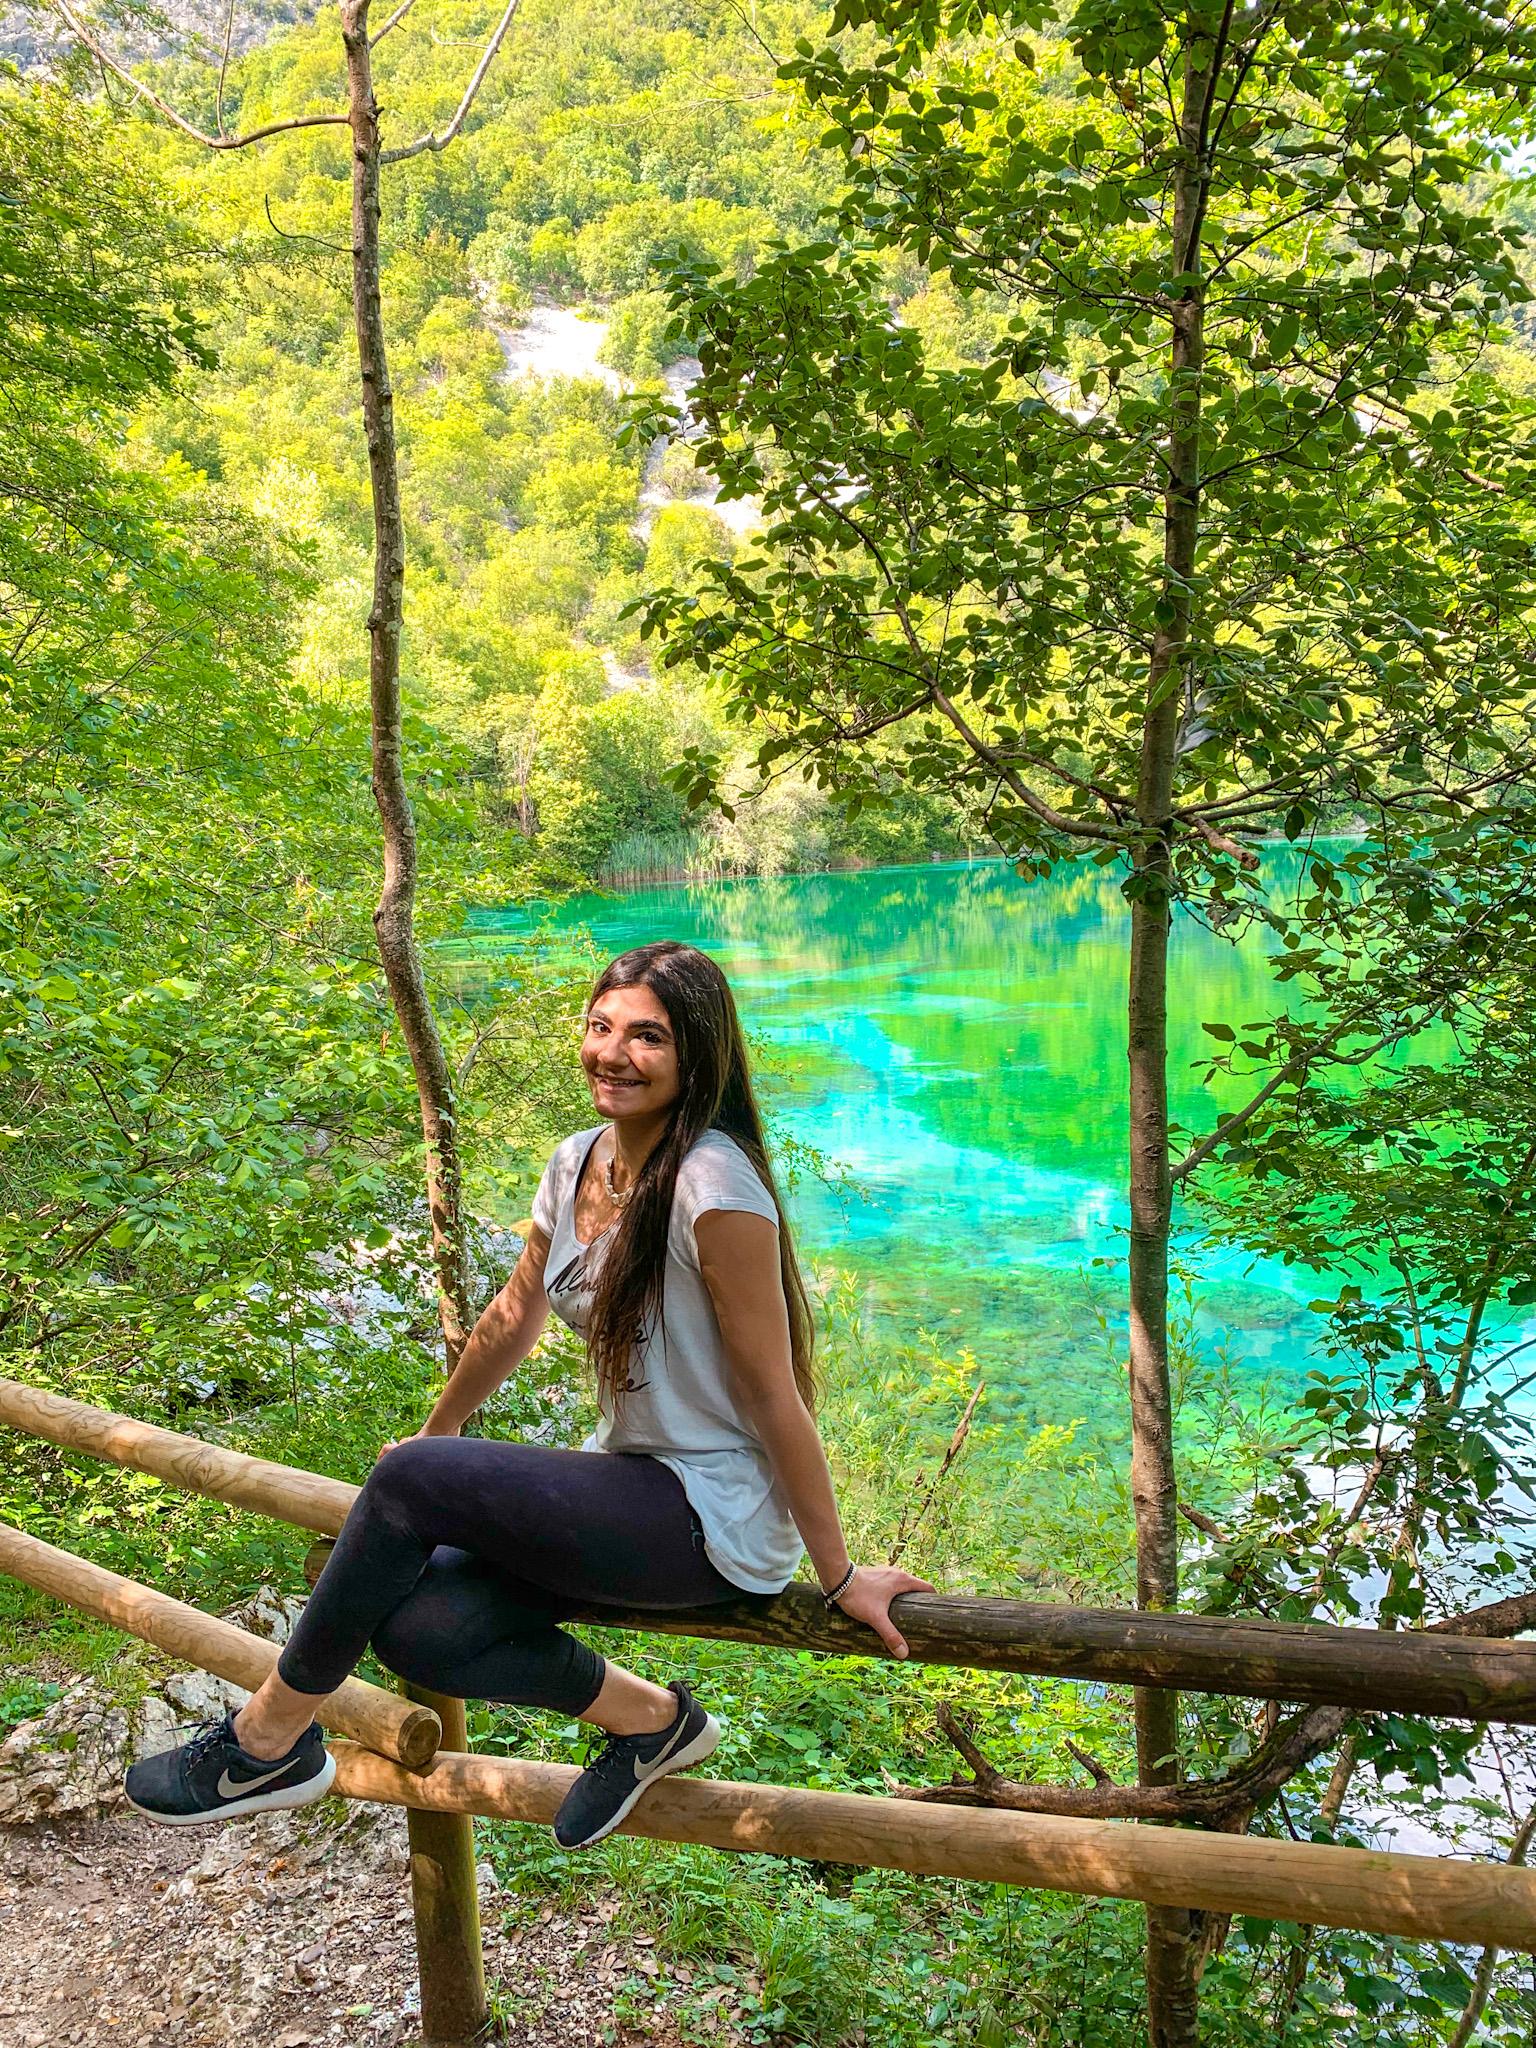 Lago di Cornino e Tagliamento, le perle del Friuli